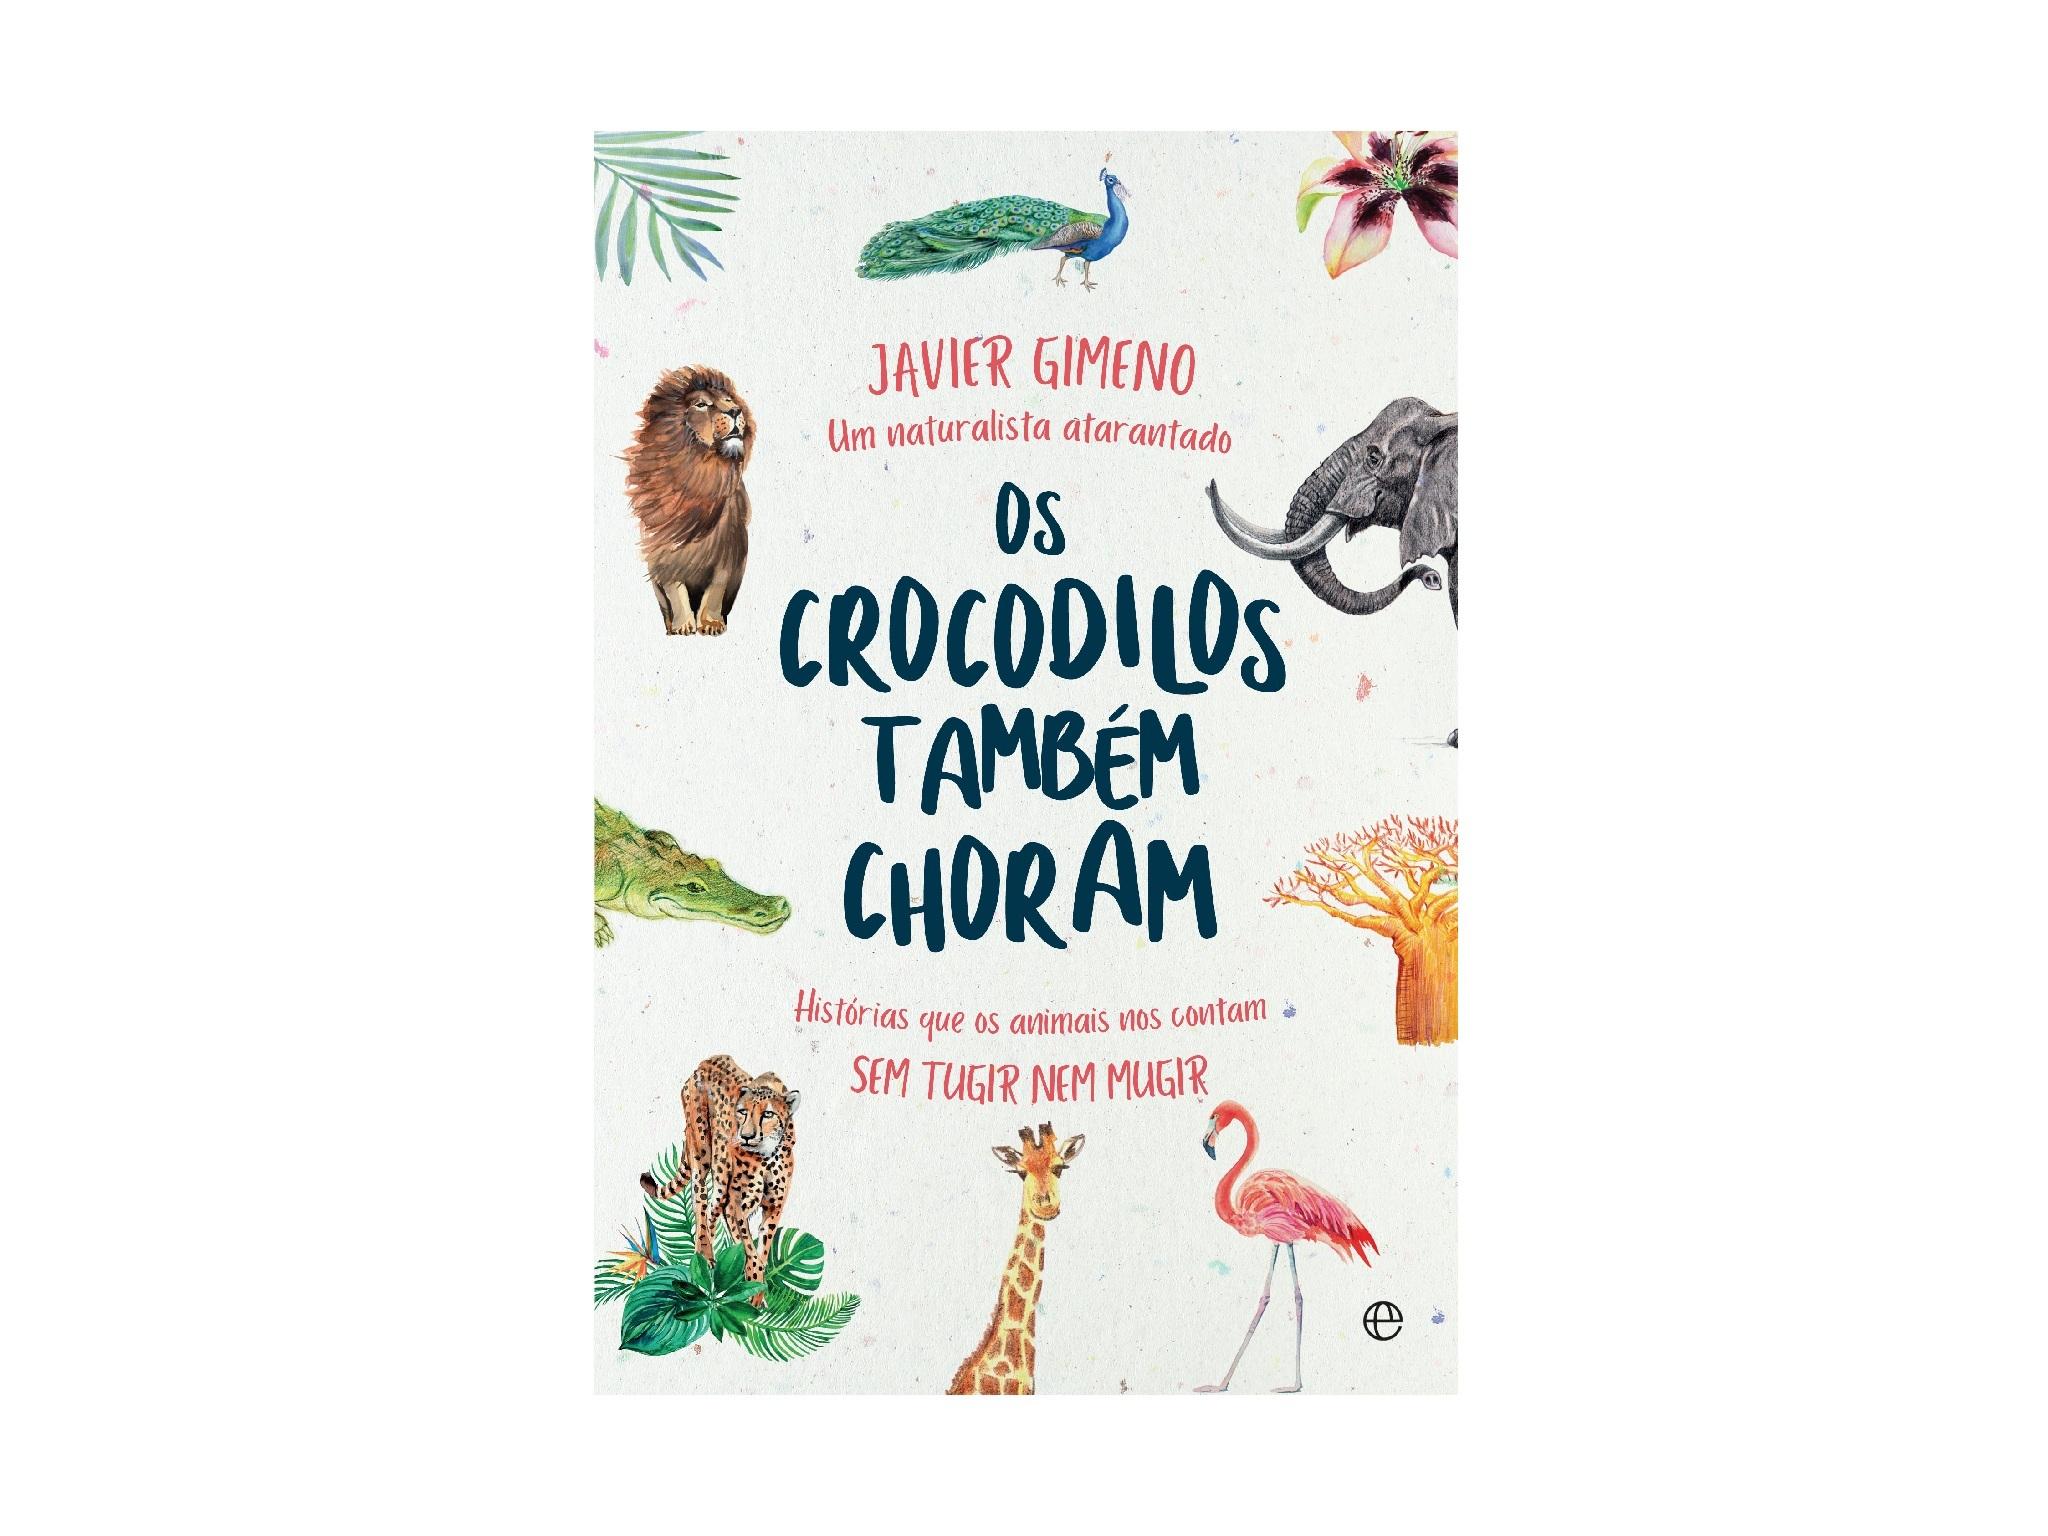 Livros, Livros Infantis, Os Crocodilos Também Choram, Javier Gimeno